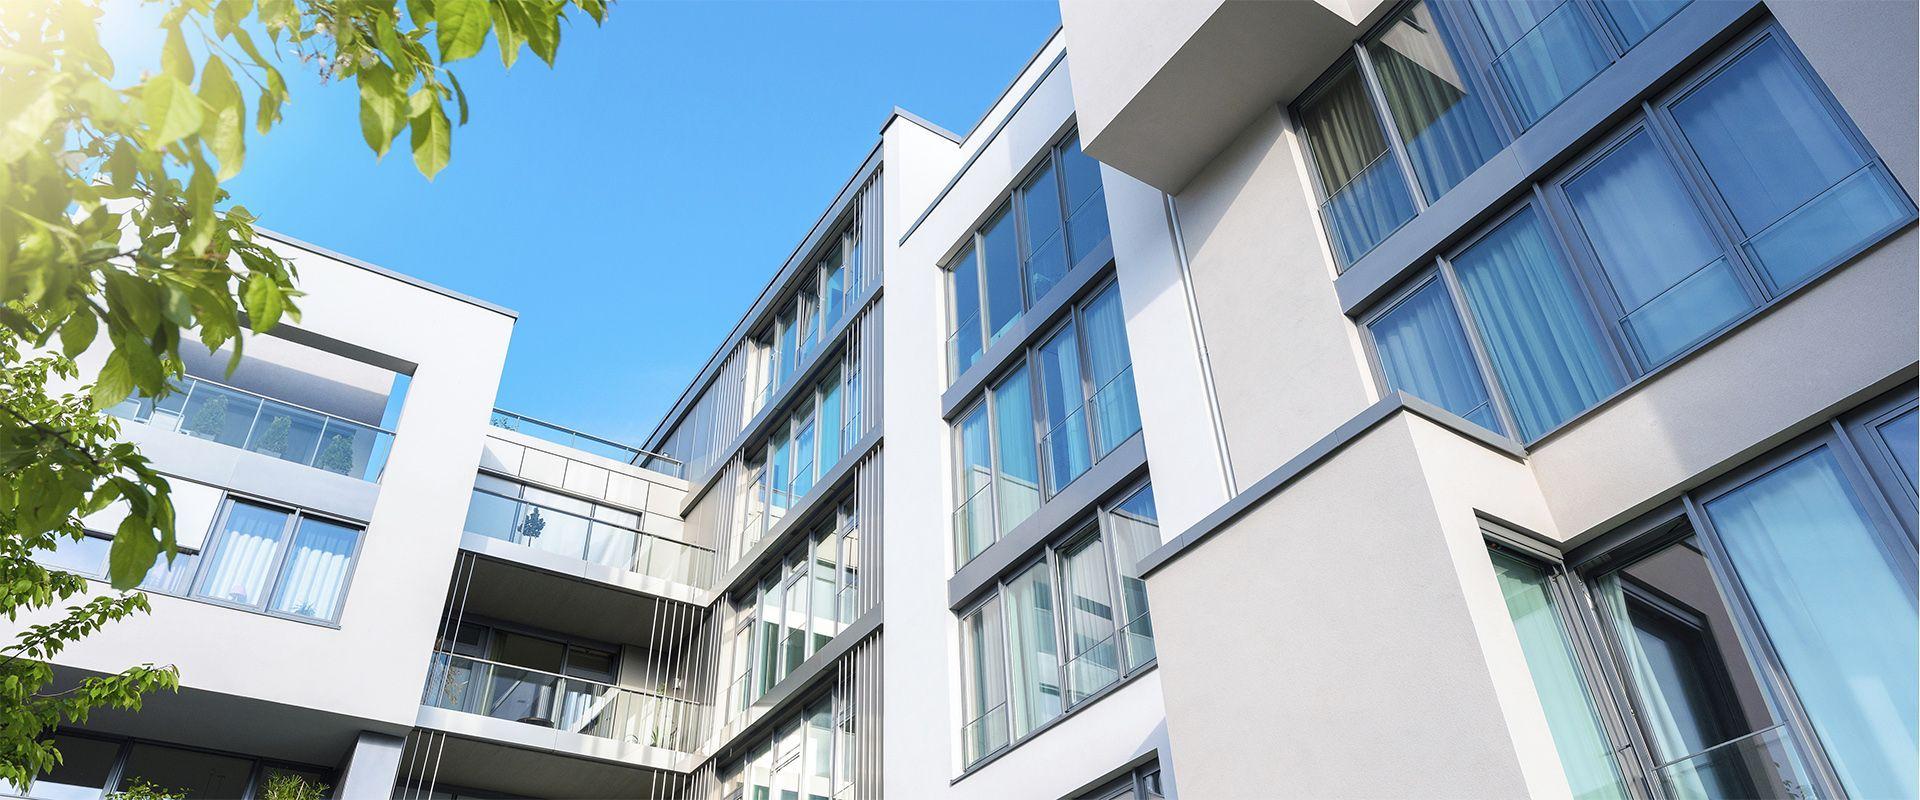 Il monitoraggio energetico dei consumi per il settore residenziale